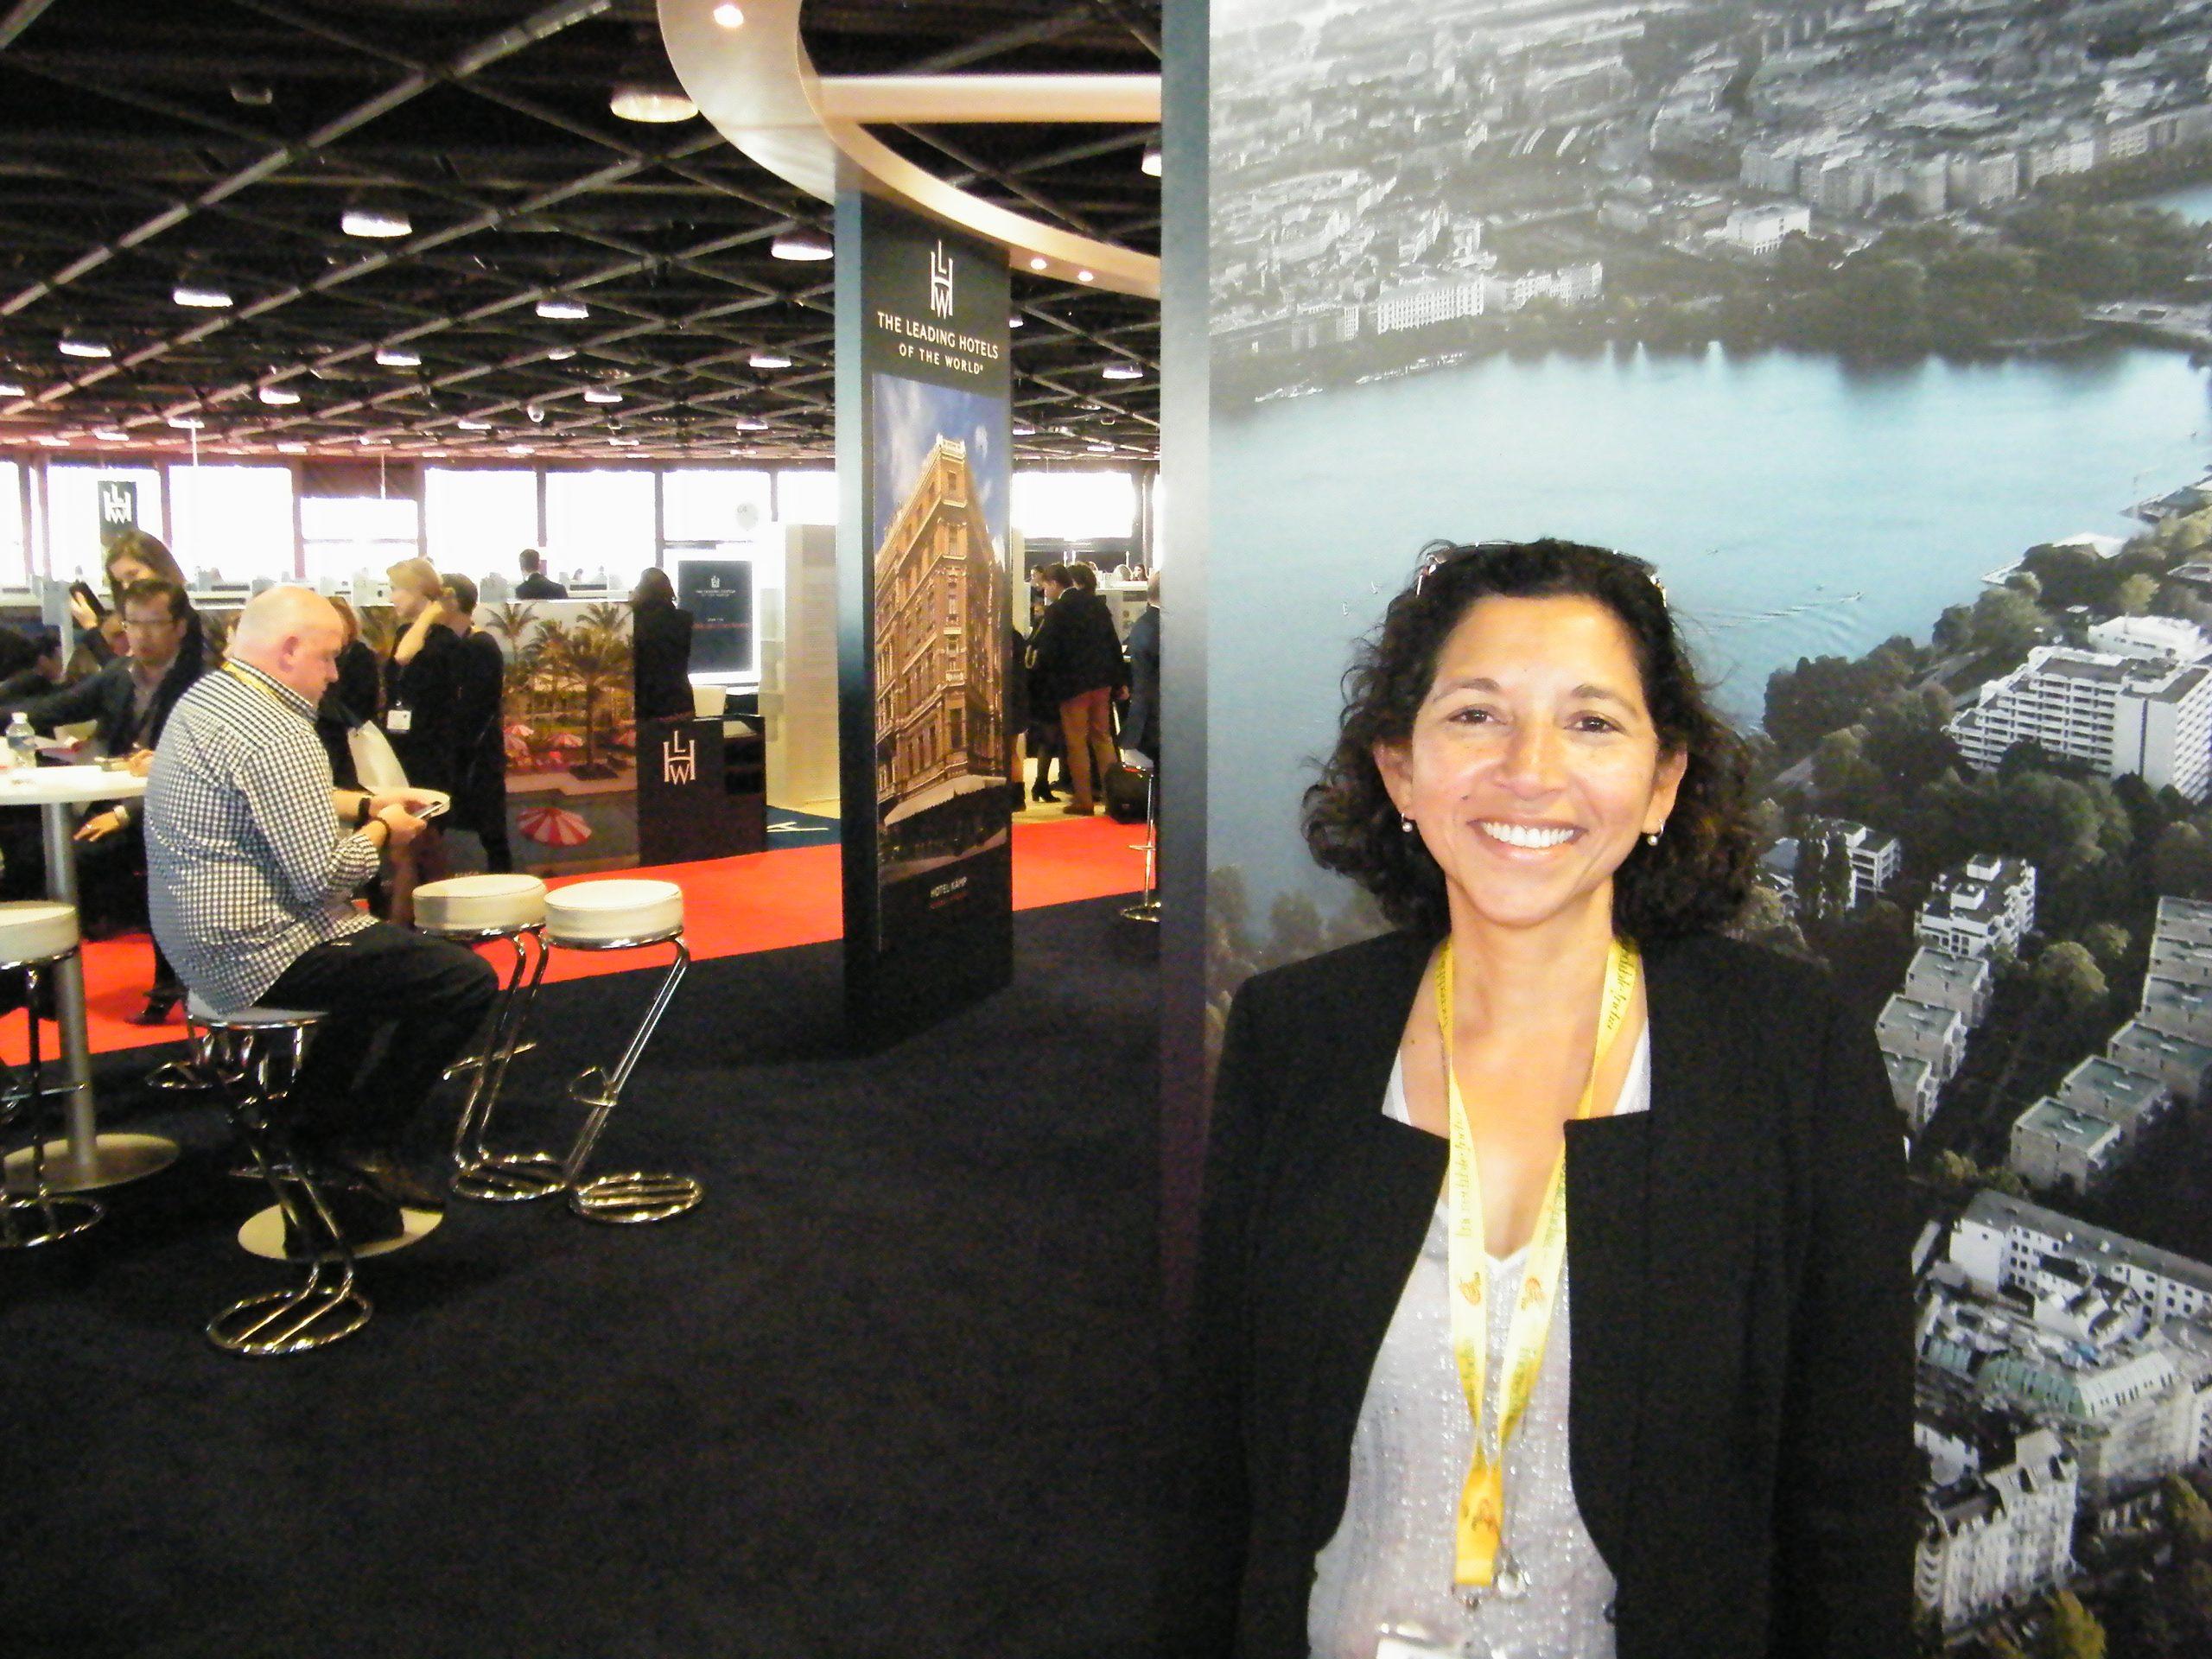 Estelle Torp, ejer af luksusrejsebureauerne Discovery og Peacock, runder i dag de 60 år. Her arkivfoto fra en af hendes vigtigste årlige fagmesser, ILTM, International Luxury Travel Market, der holdes i sydfranske Cannes. Foto: Henrik Baumgarten.